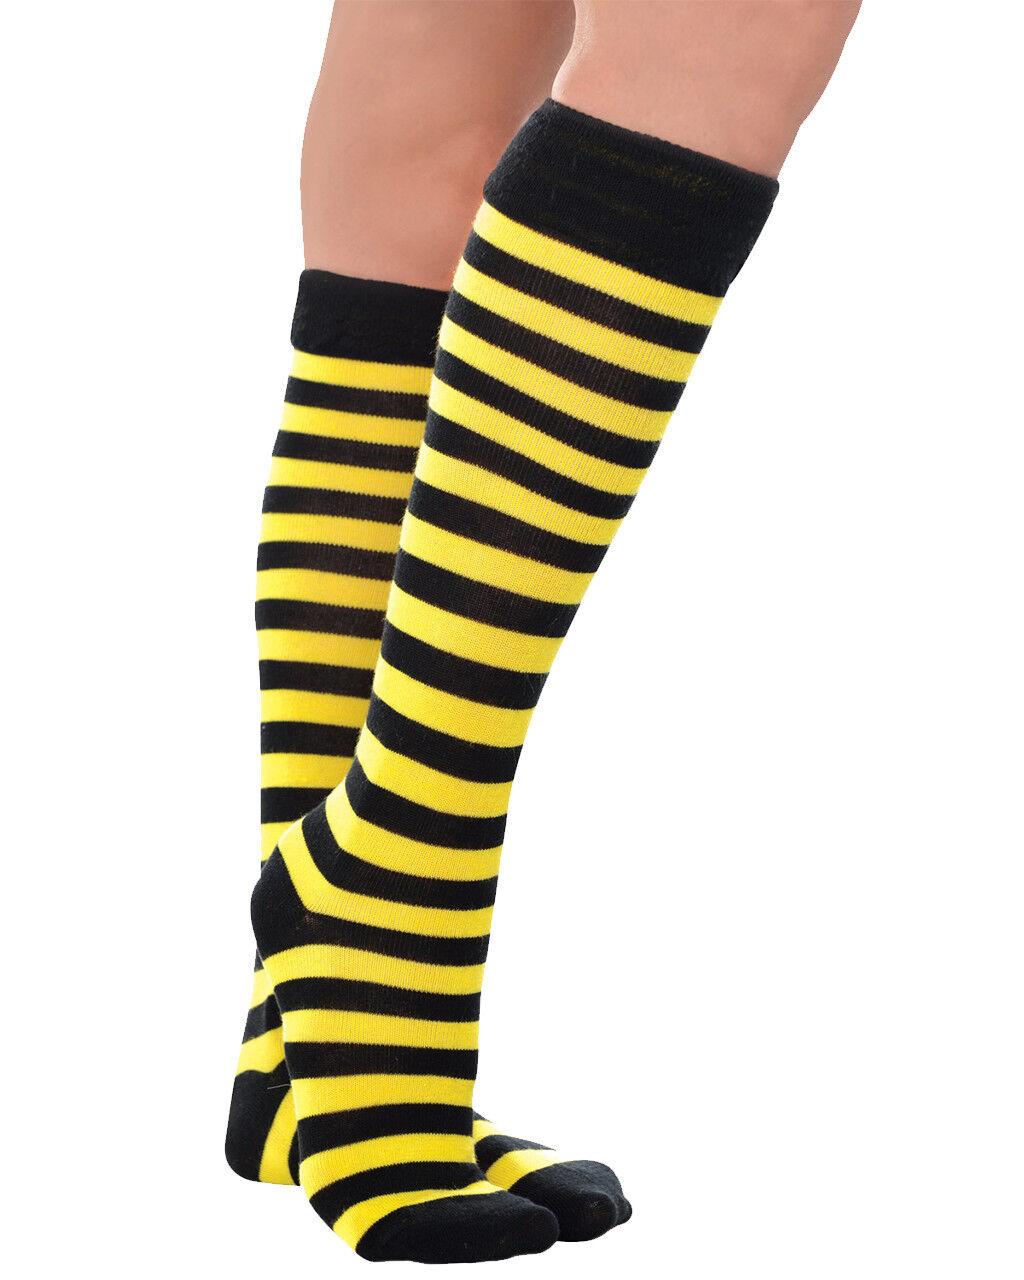 Adult Over The Knee Bumble Bee Super Hero Socks Halloween Fancy Dress Costume